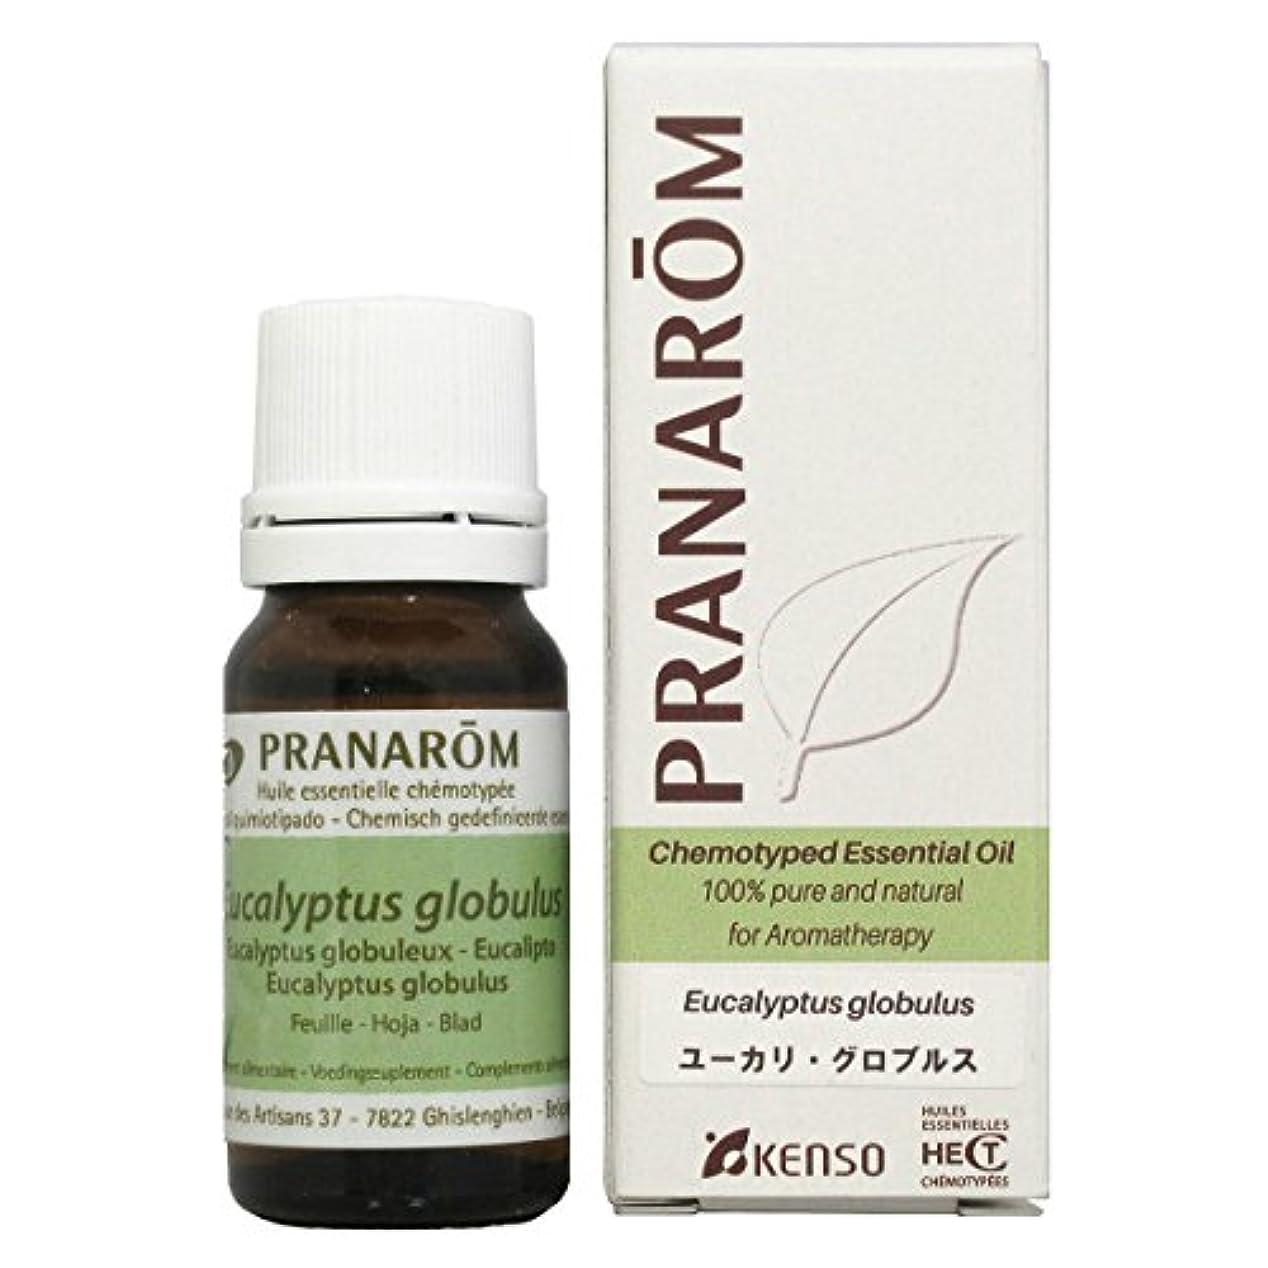 情熱好きであるメータープラナロム ユーカリグロブルス 10ml (PRANAROM ケモタイプ精油)